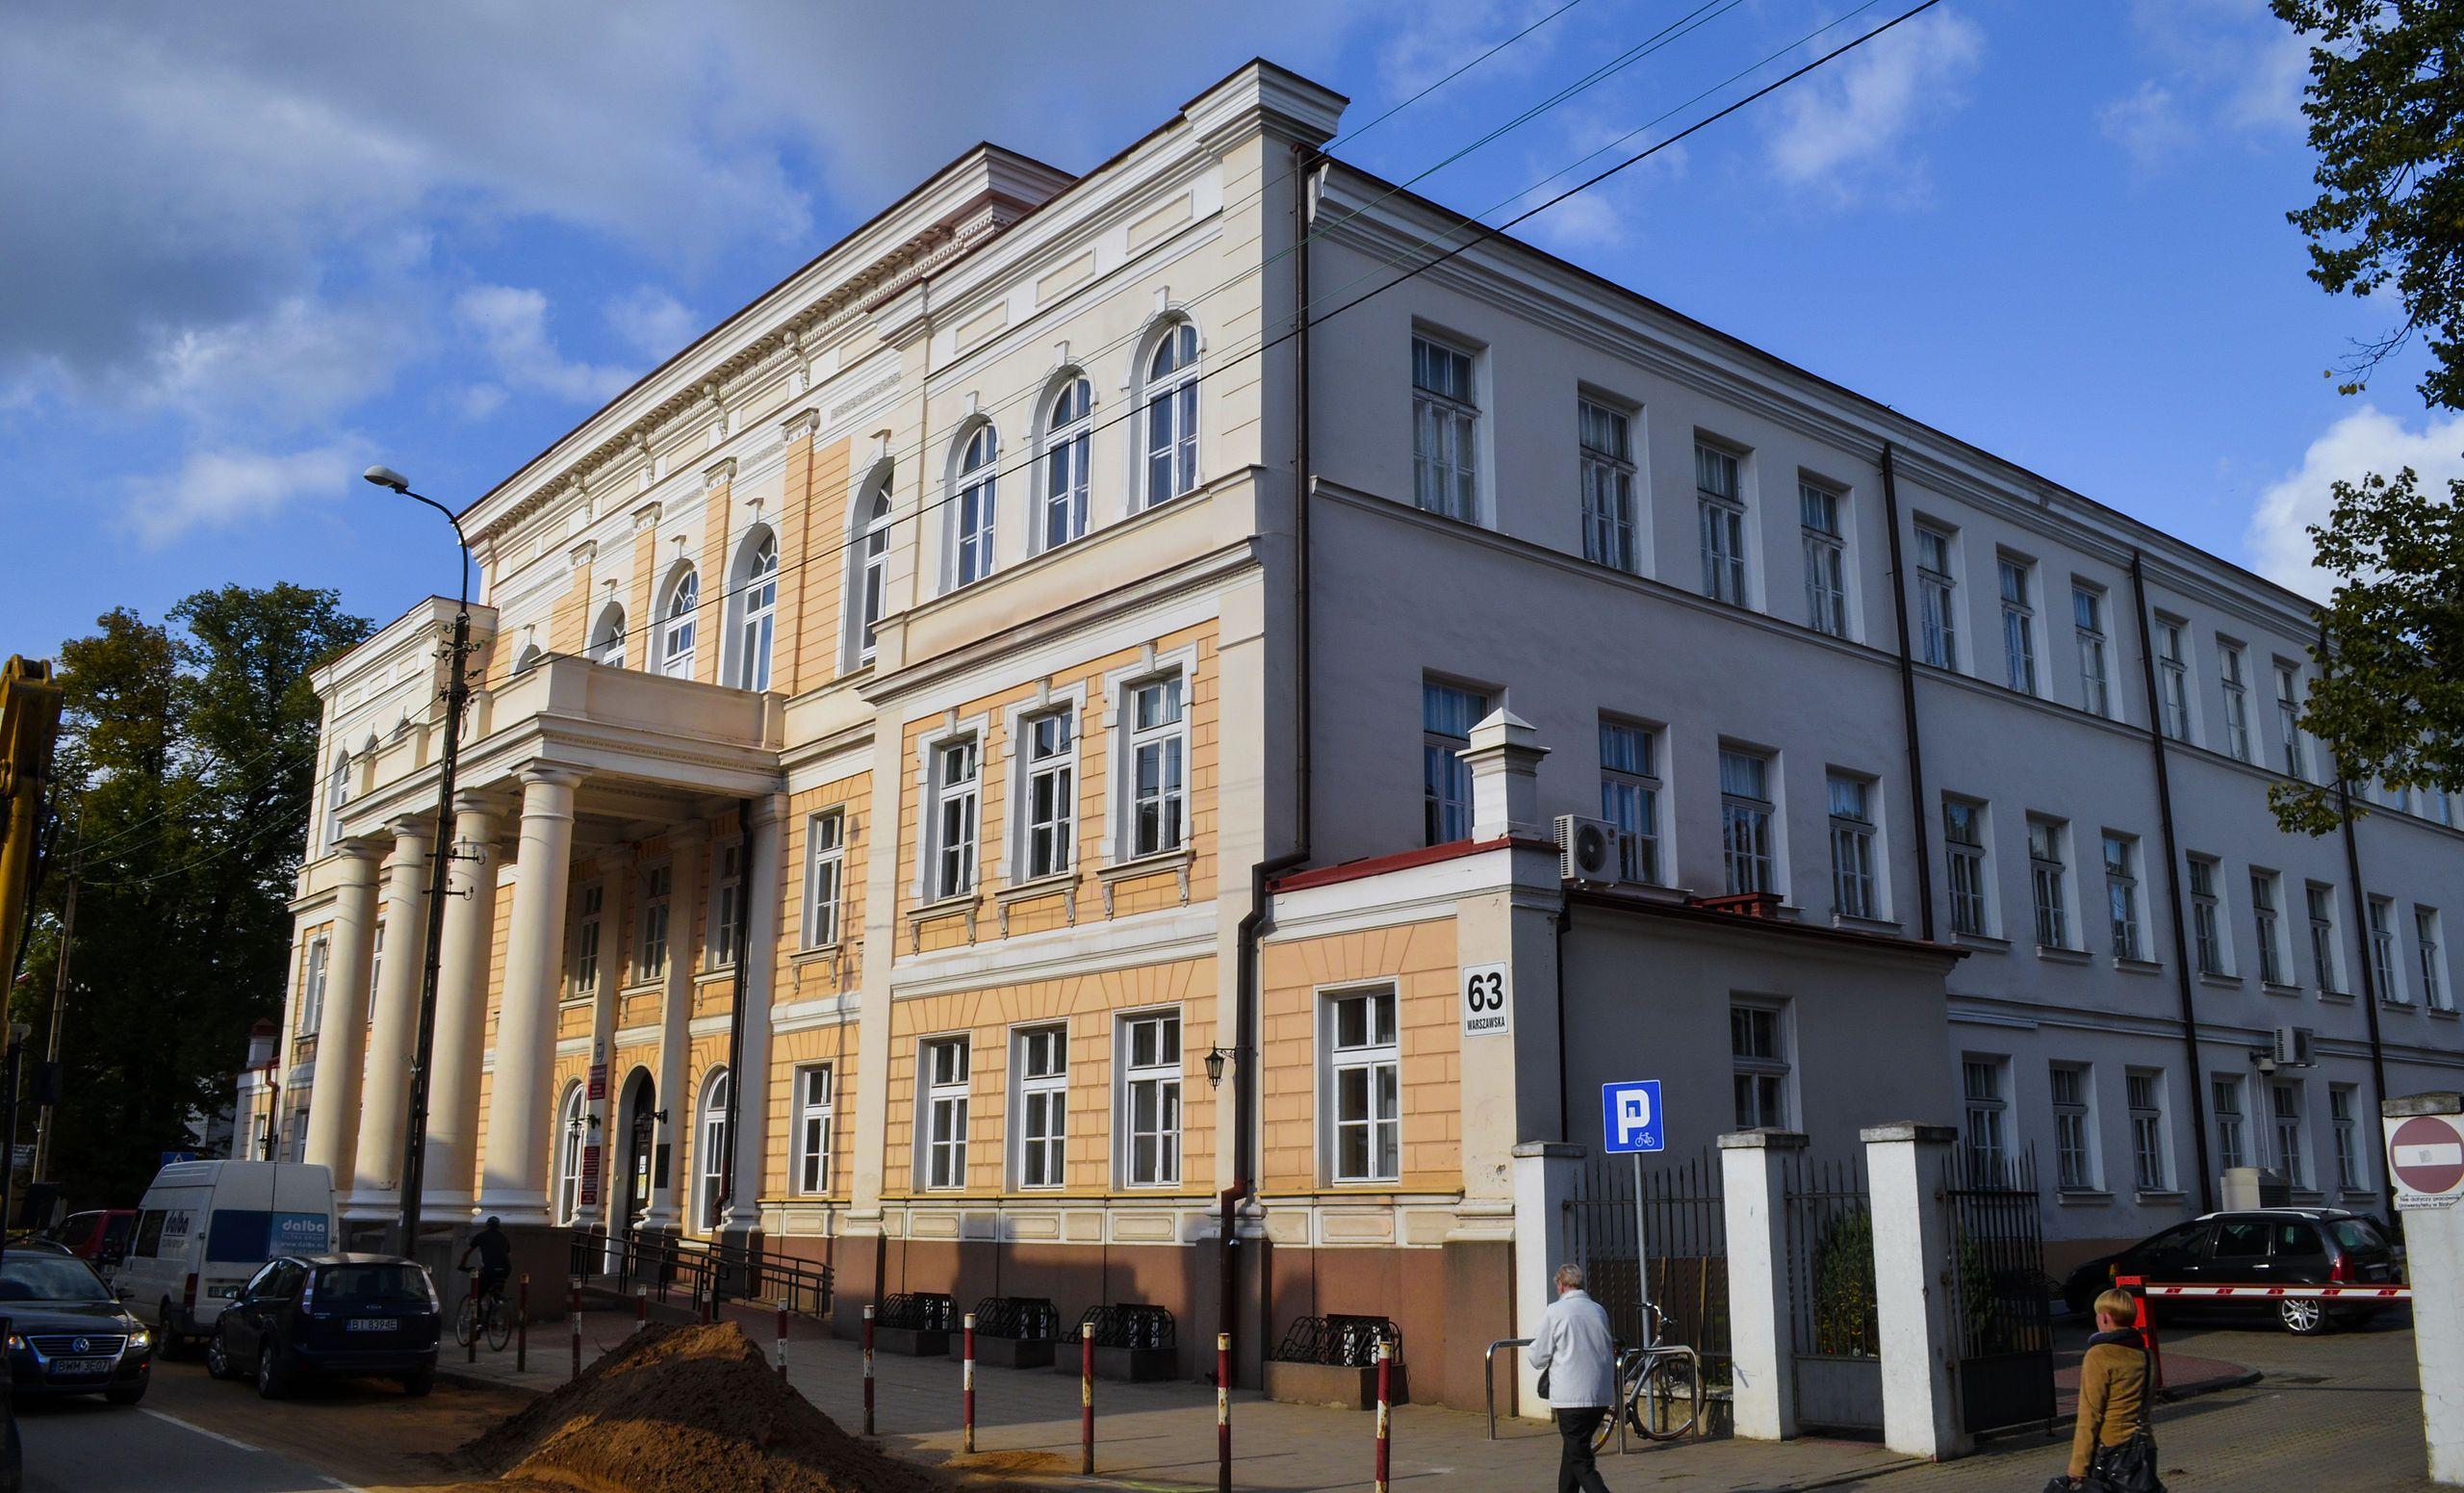 Wydział Ekonomii i Zarządzania UwB na ul. Warszawskiej 63